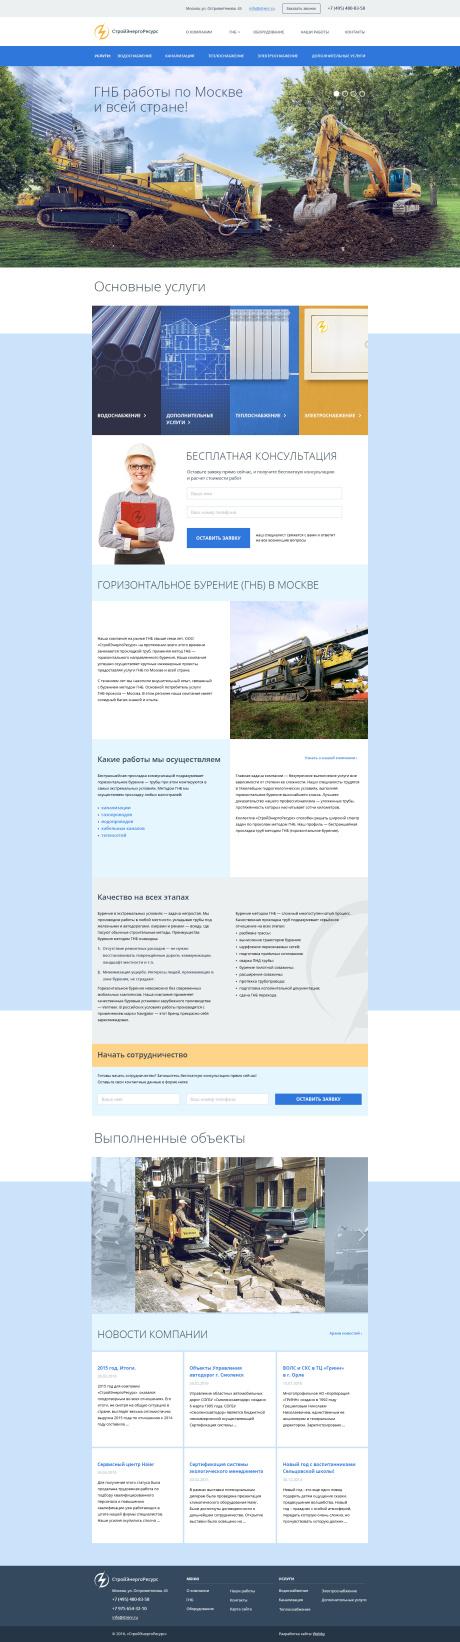 «СтройЭнергоРесурс» - Корпоративный сайт строительной компании